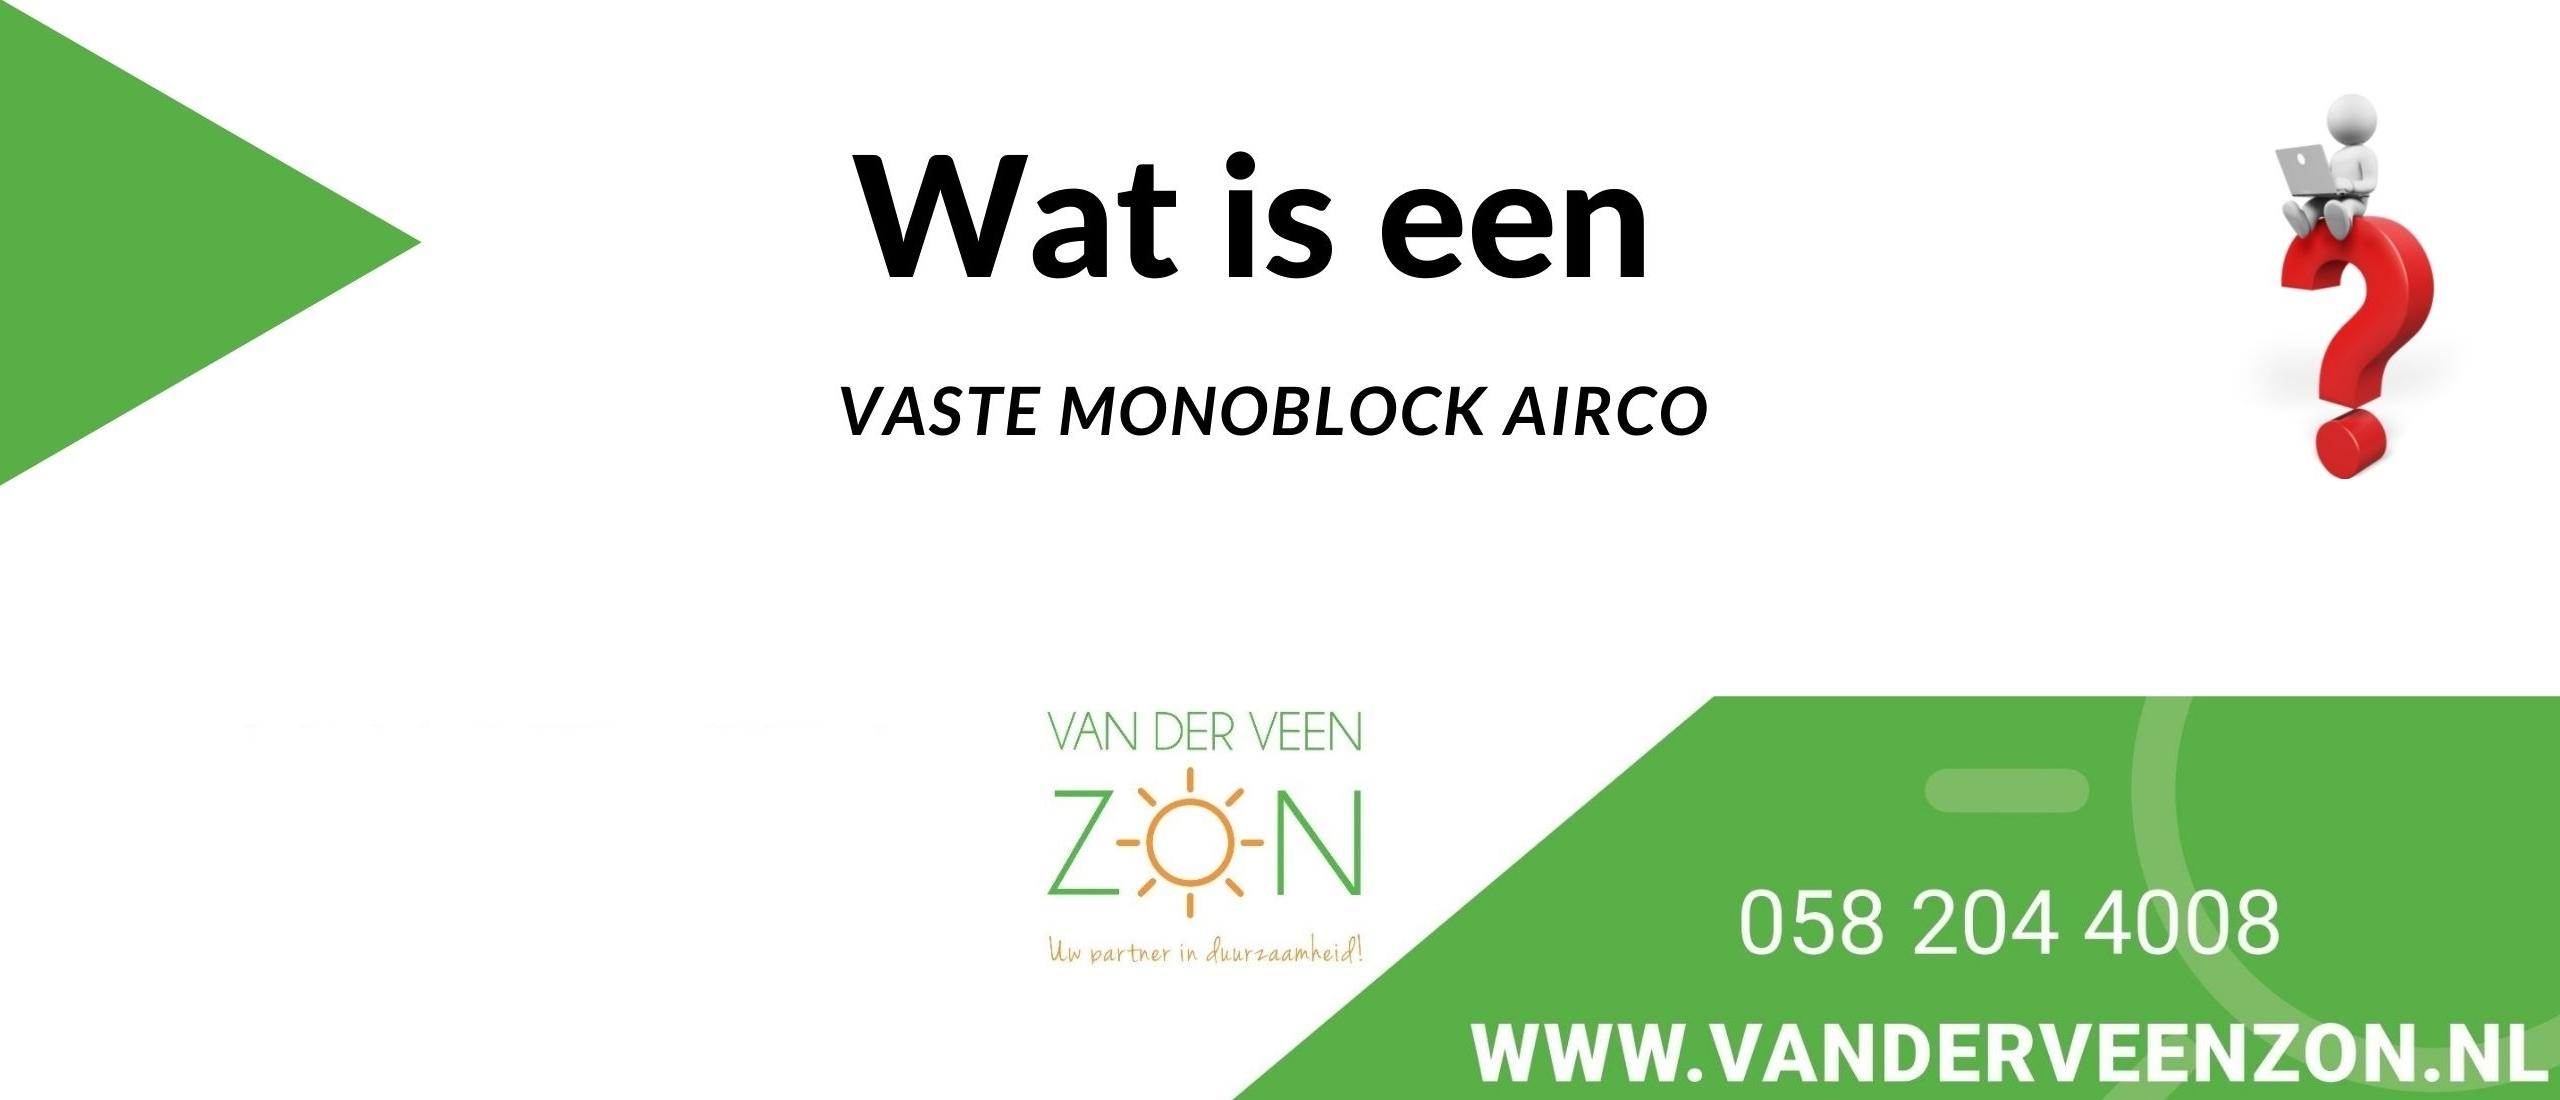 monoblock airco's